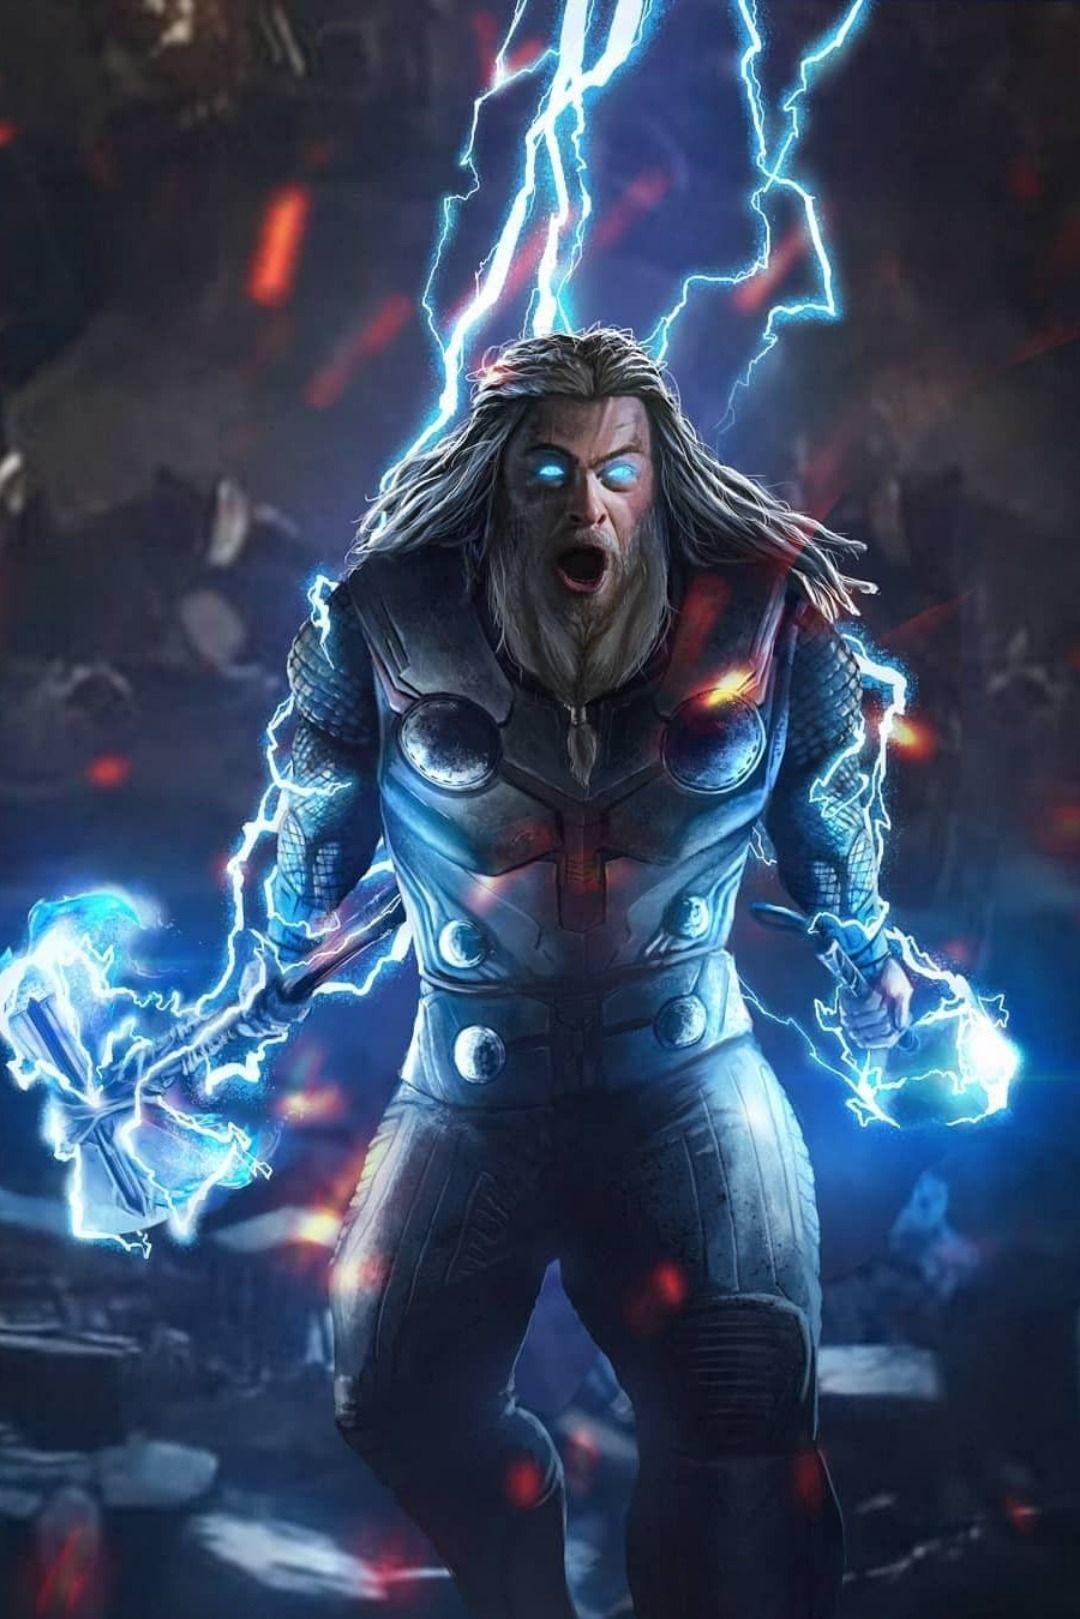 Confirmed Post Avenger Endgame Marvel Movies To Be Released Animasi Pahlawan Marvel Karakter Fantasi